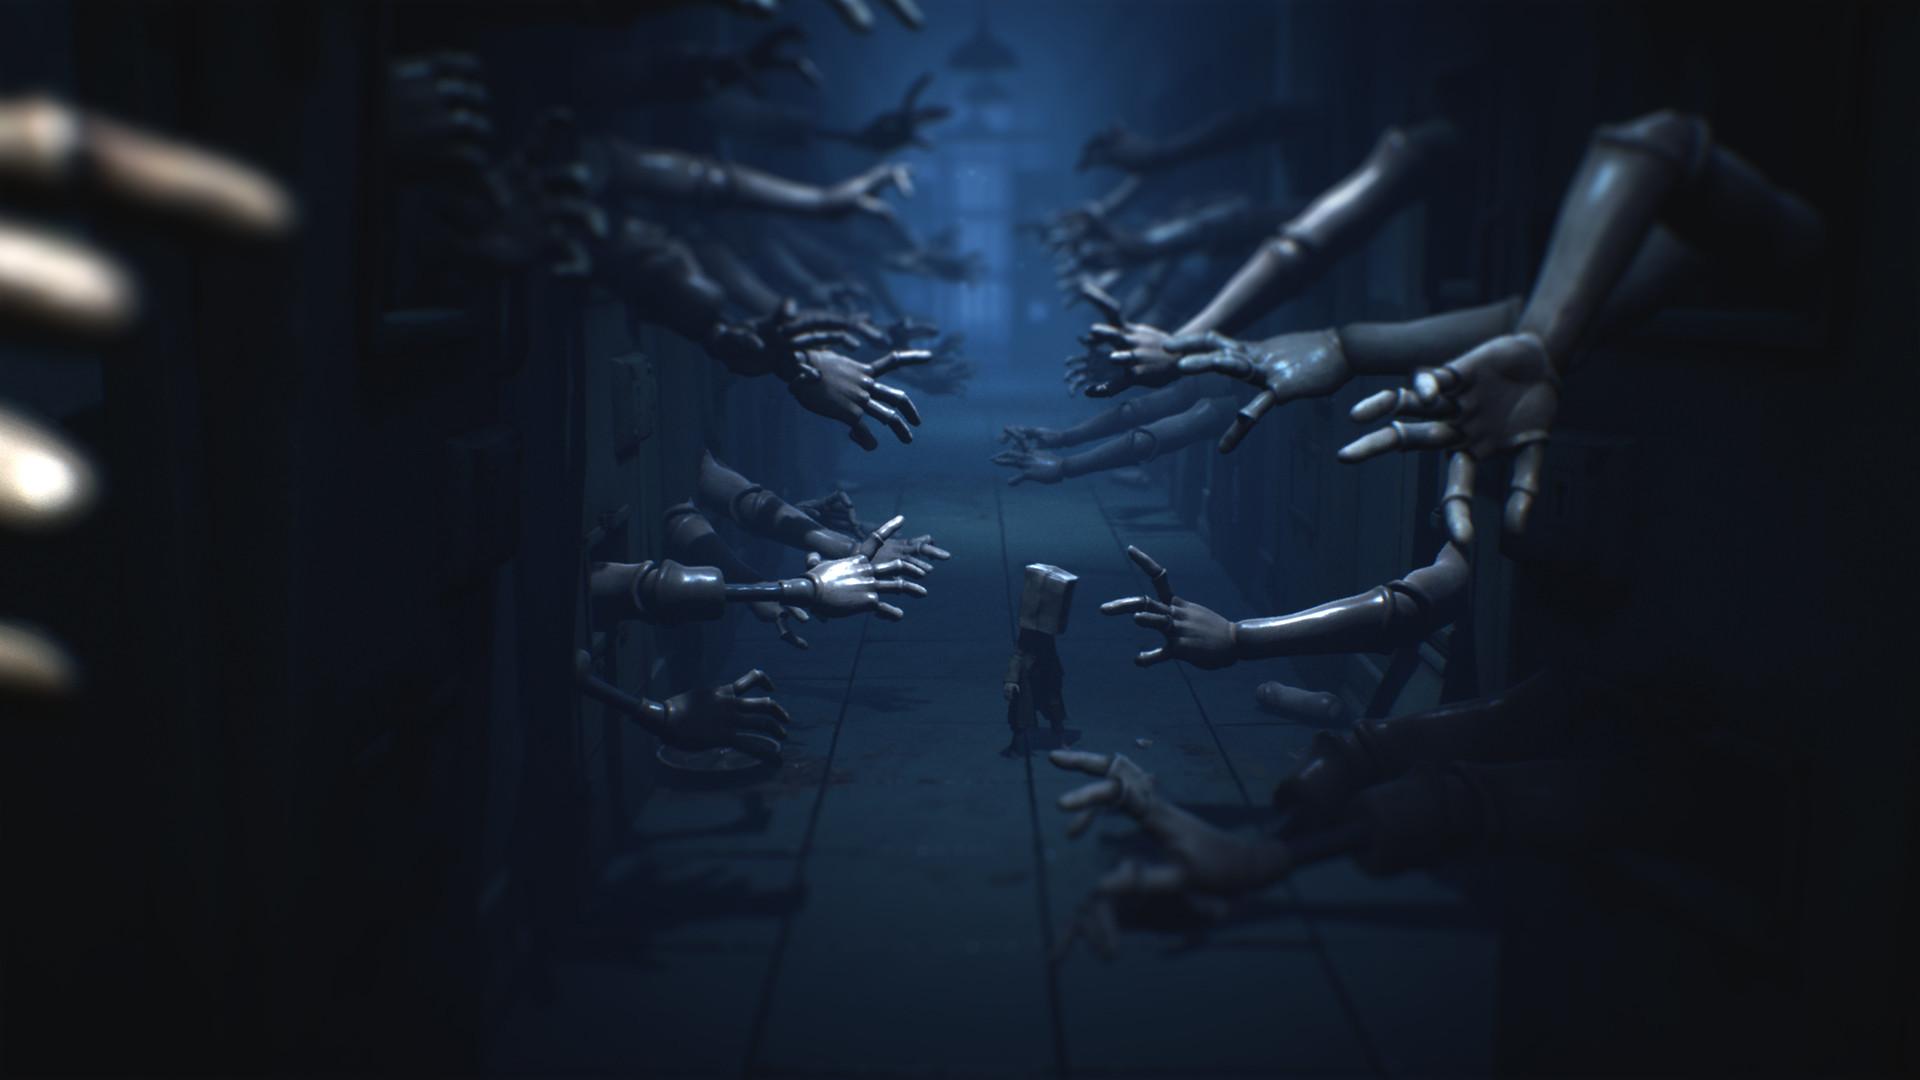 《小小梦魇2》在Steam上推出免费试玩Demo 预售开启